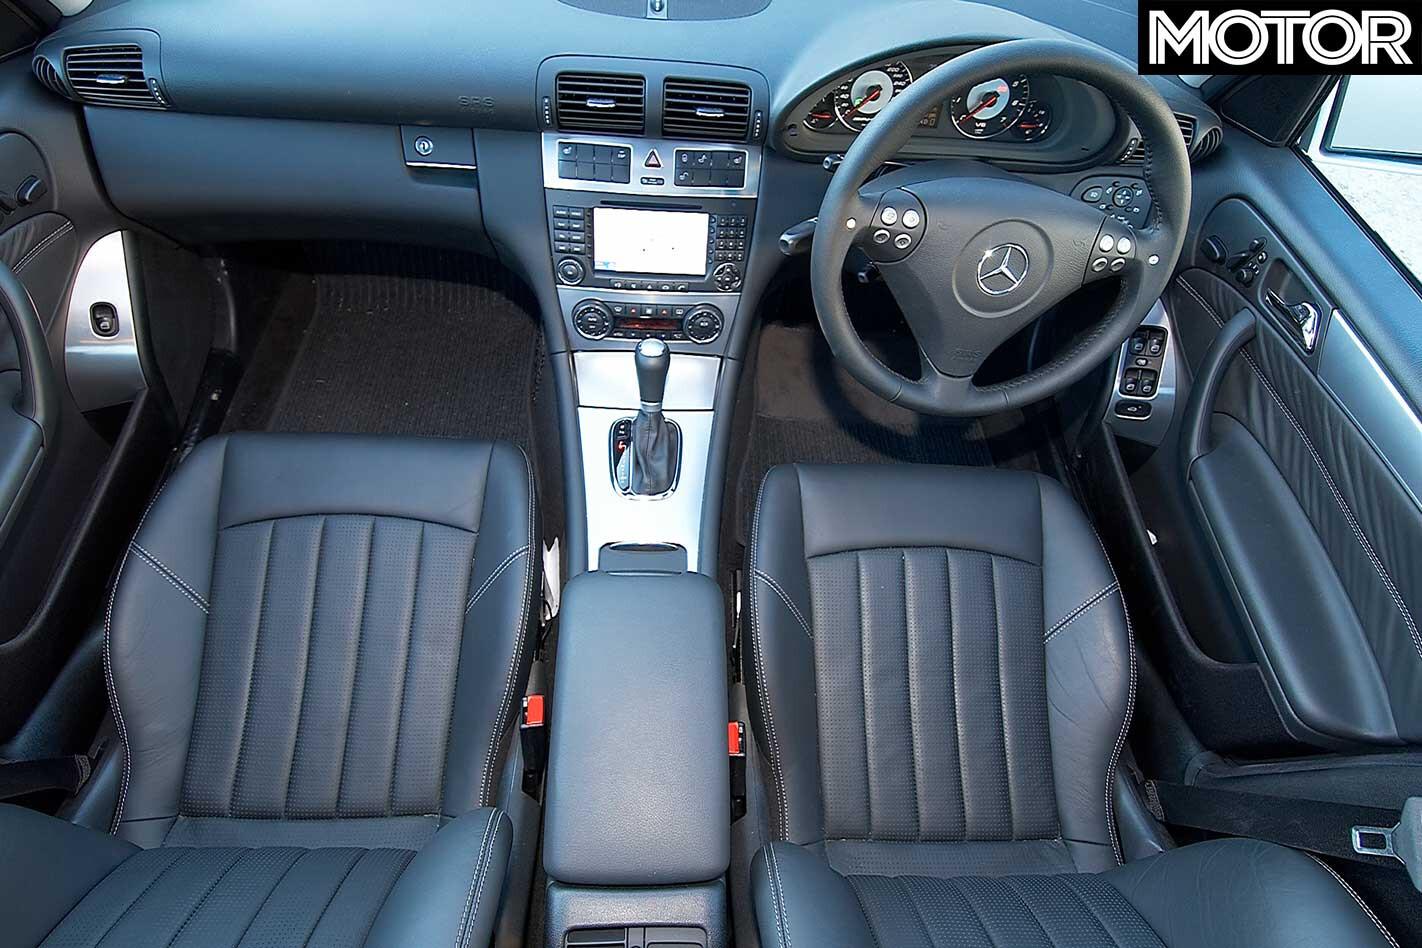 2005 Mercedes Benz C 55 AMG Interior Jpg